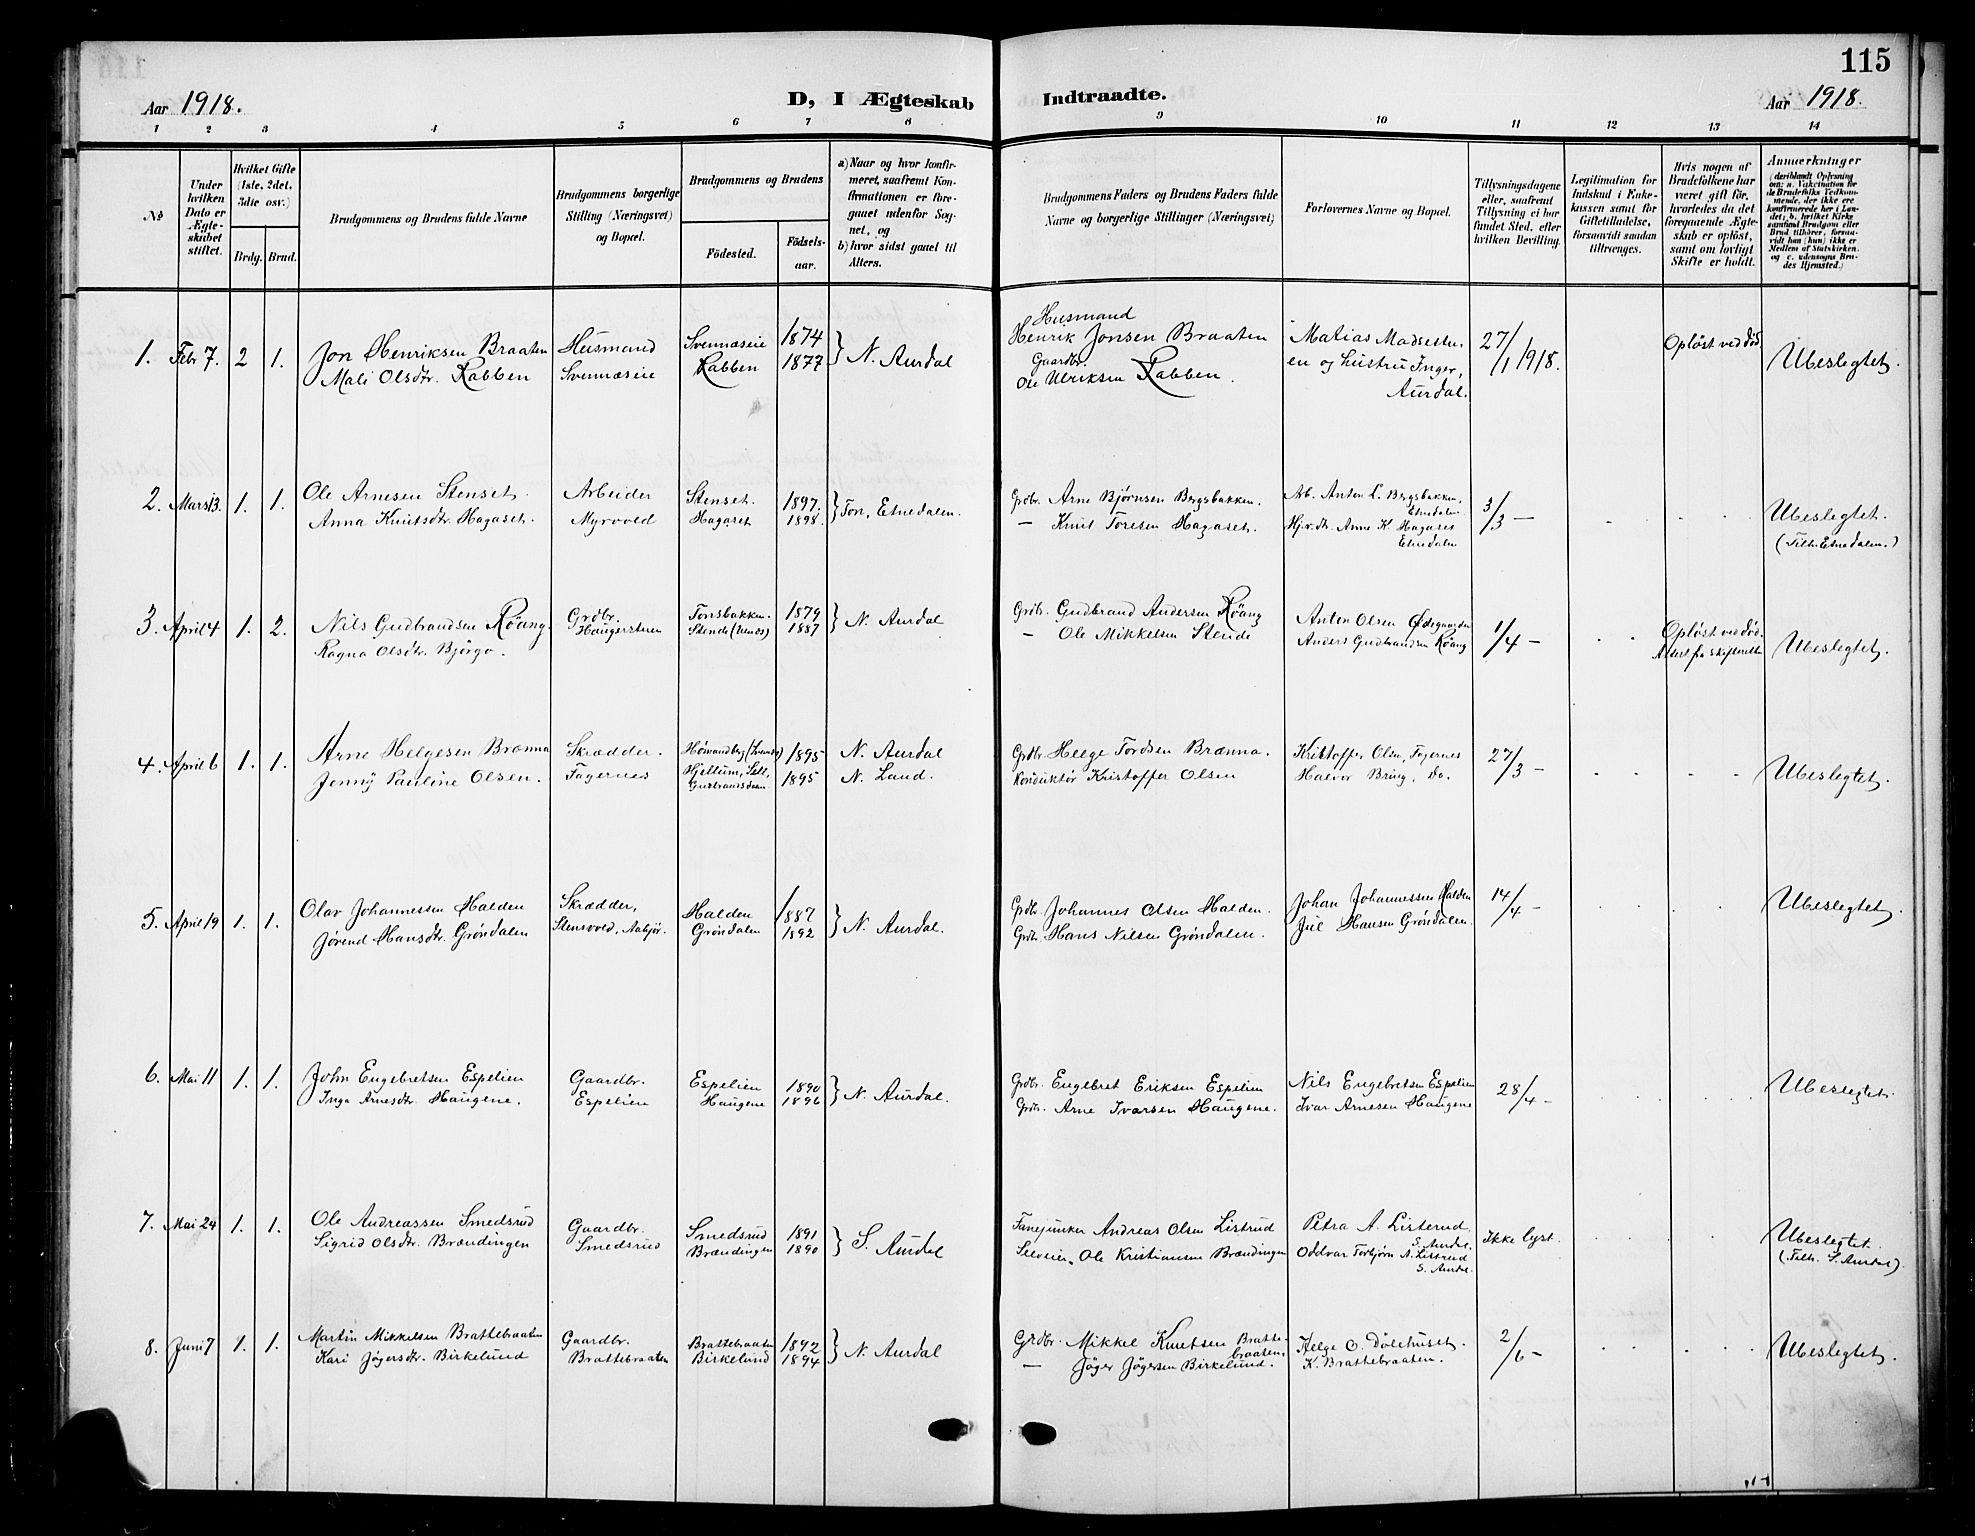 SAH, Nord-Aurdal prestekontor, Klokkerbok nr. 12, 1907-1920, s. 115